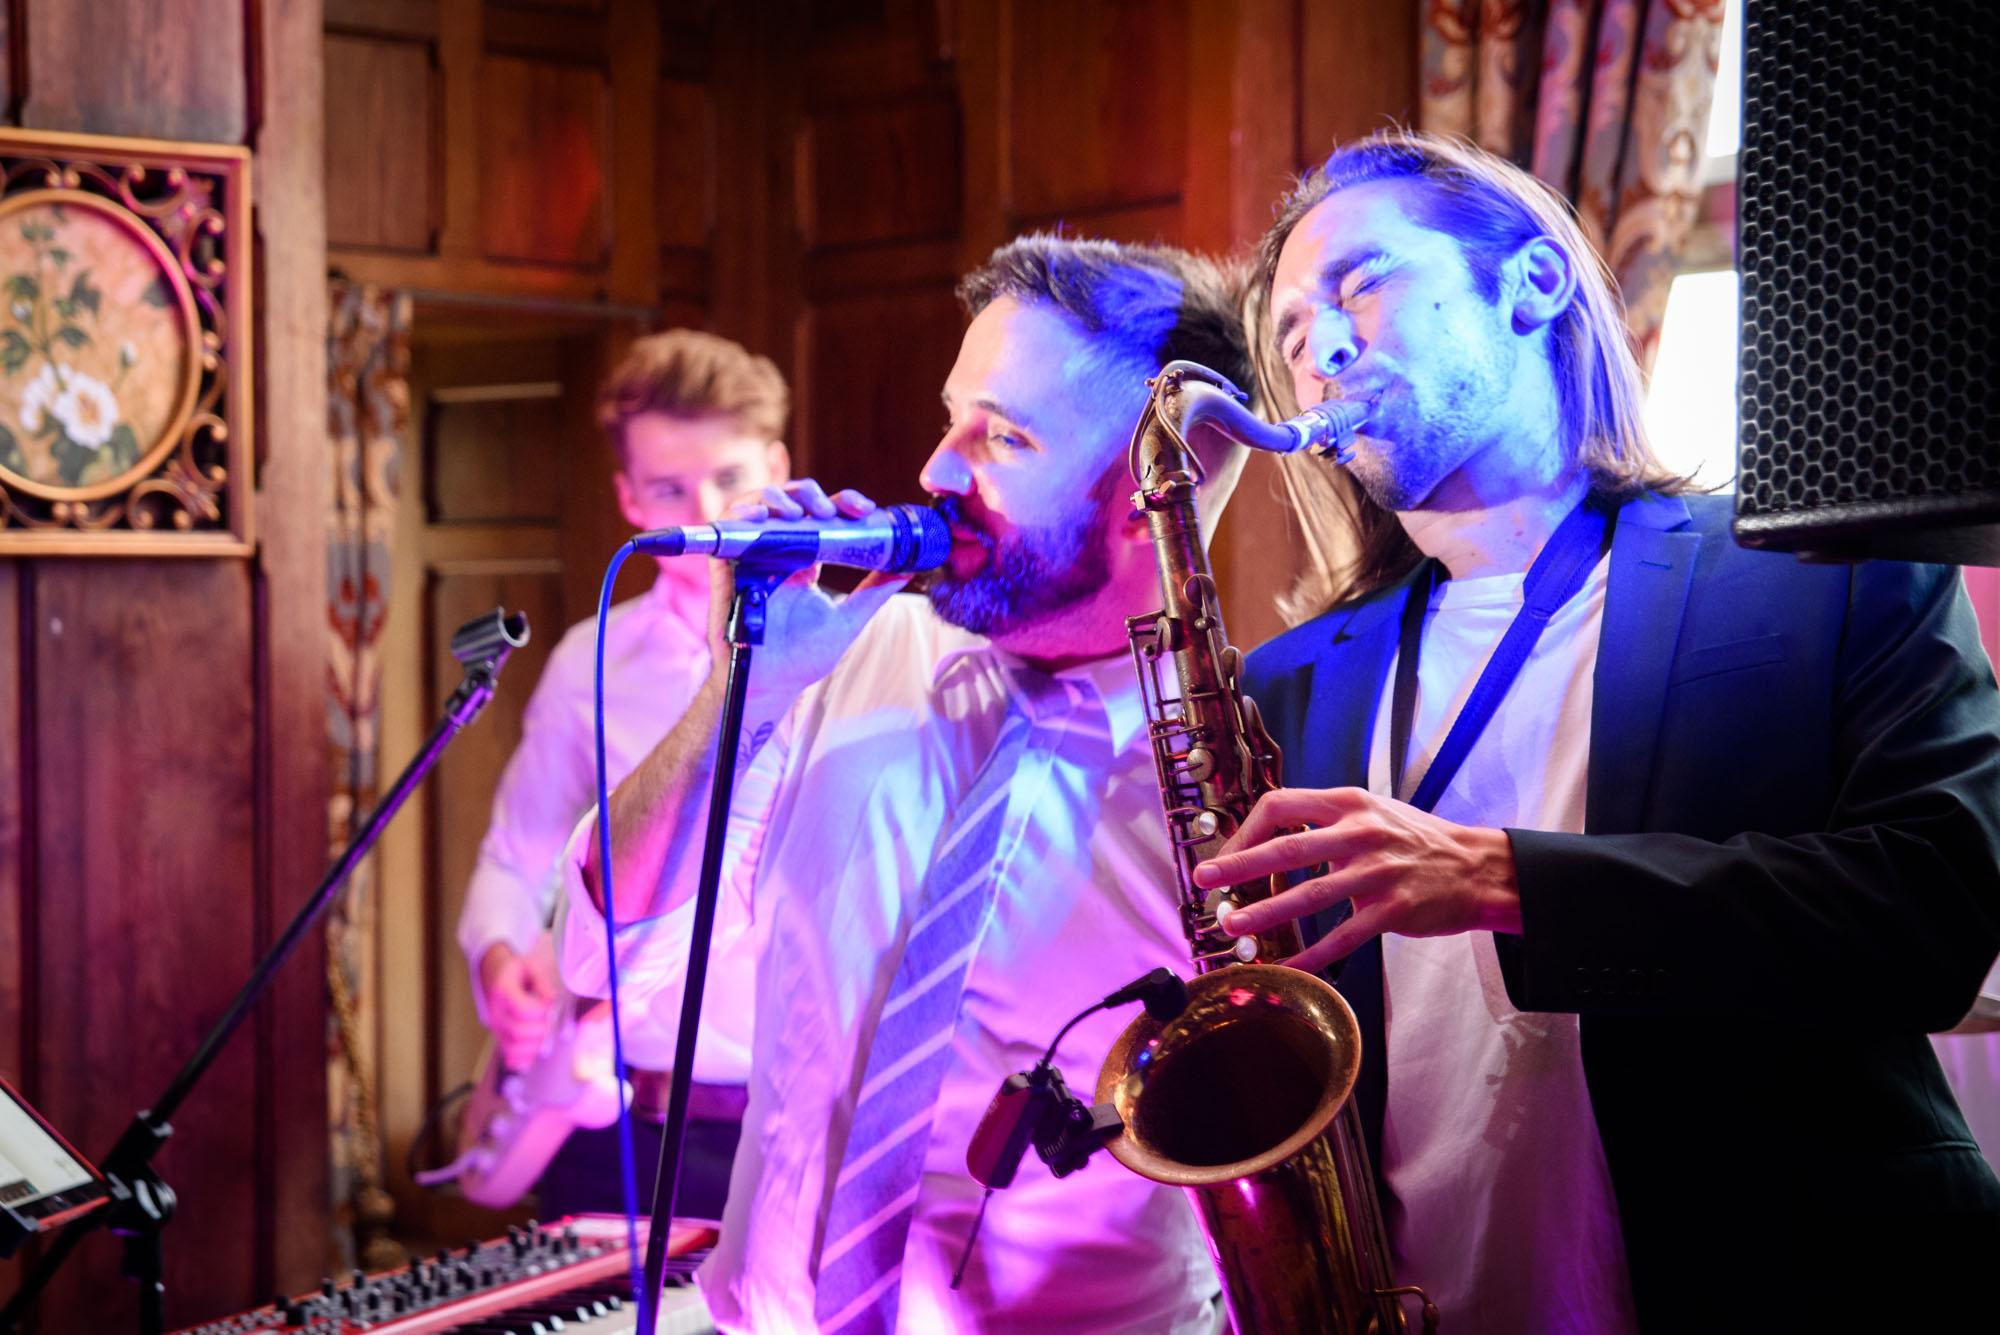 Wedding band at Chateau Rhianfa